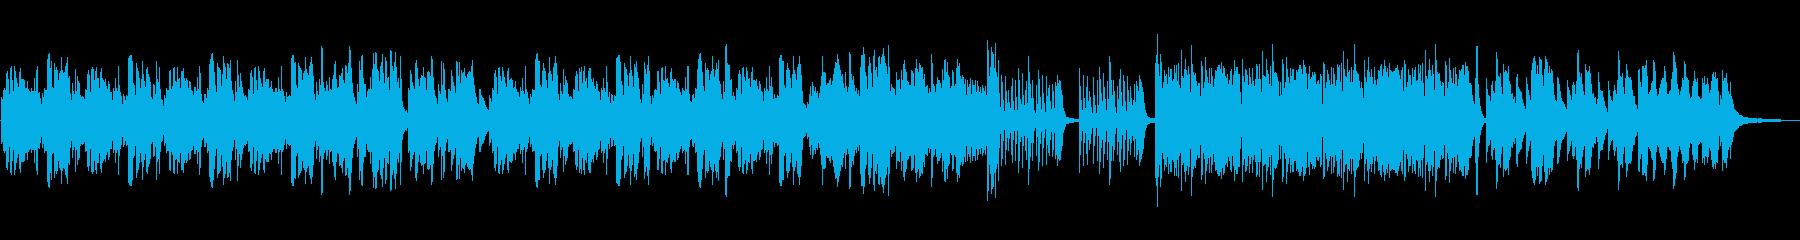 悲しい切ないピアノソロの再生済みの波形